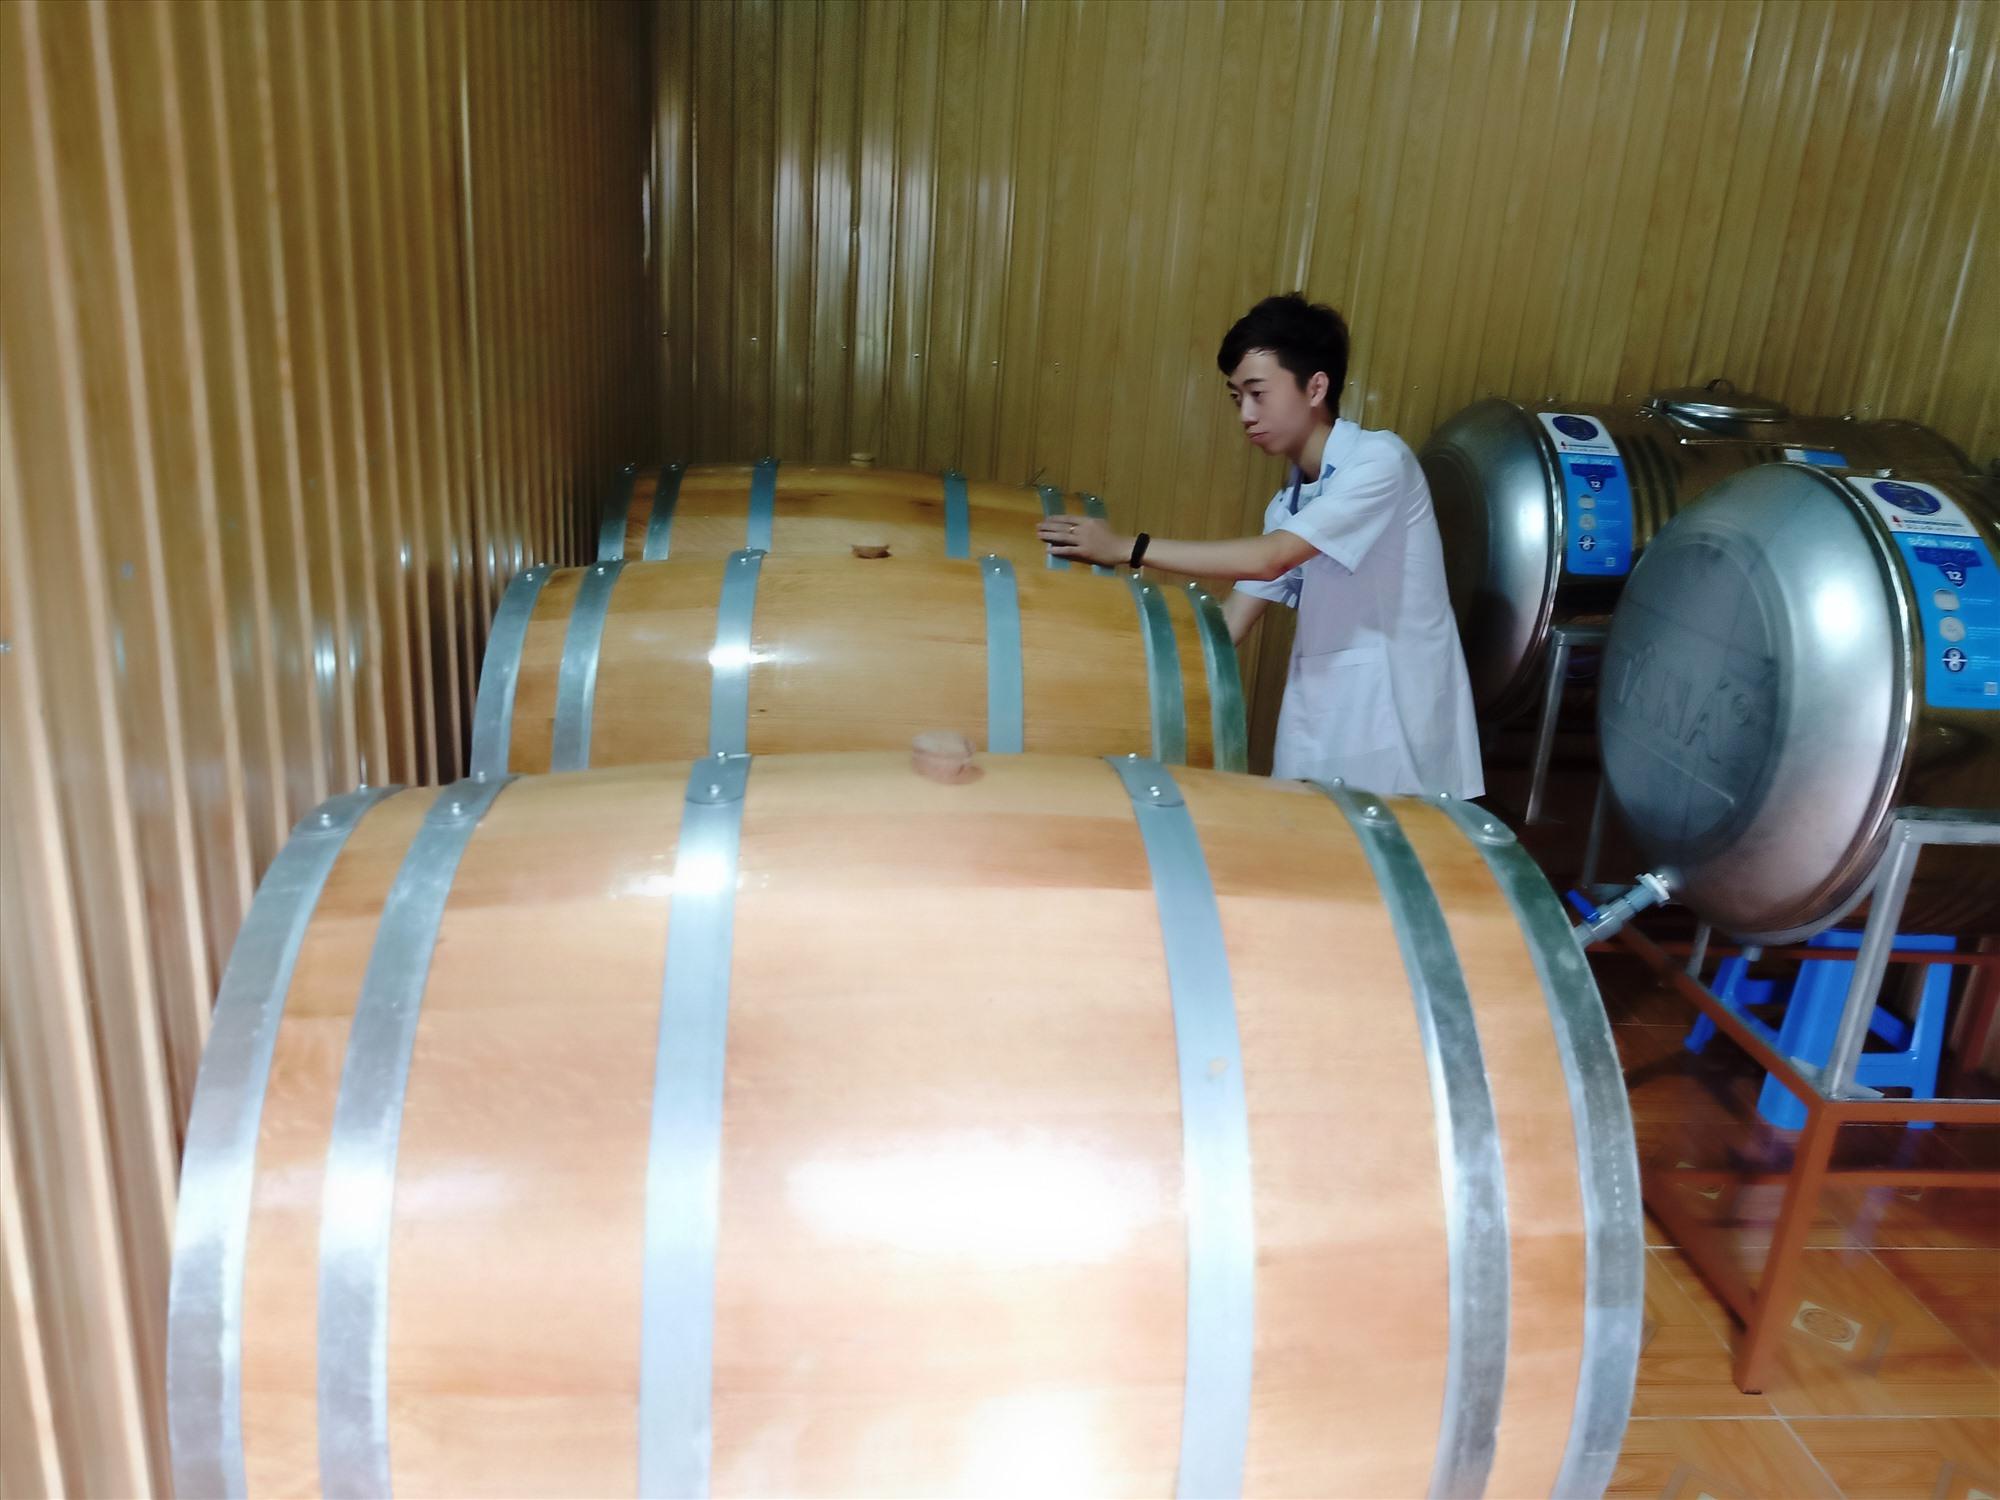 Khu vực chưng cất rượu vang của HTX Phước Tuyên. Ảnh: HOÀNG LIÊN